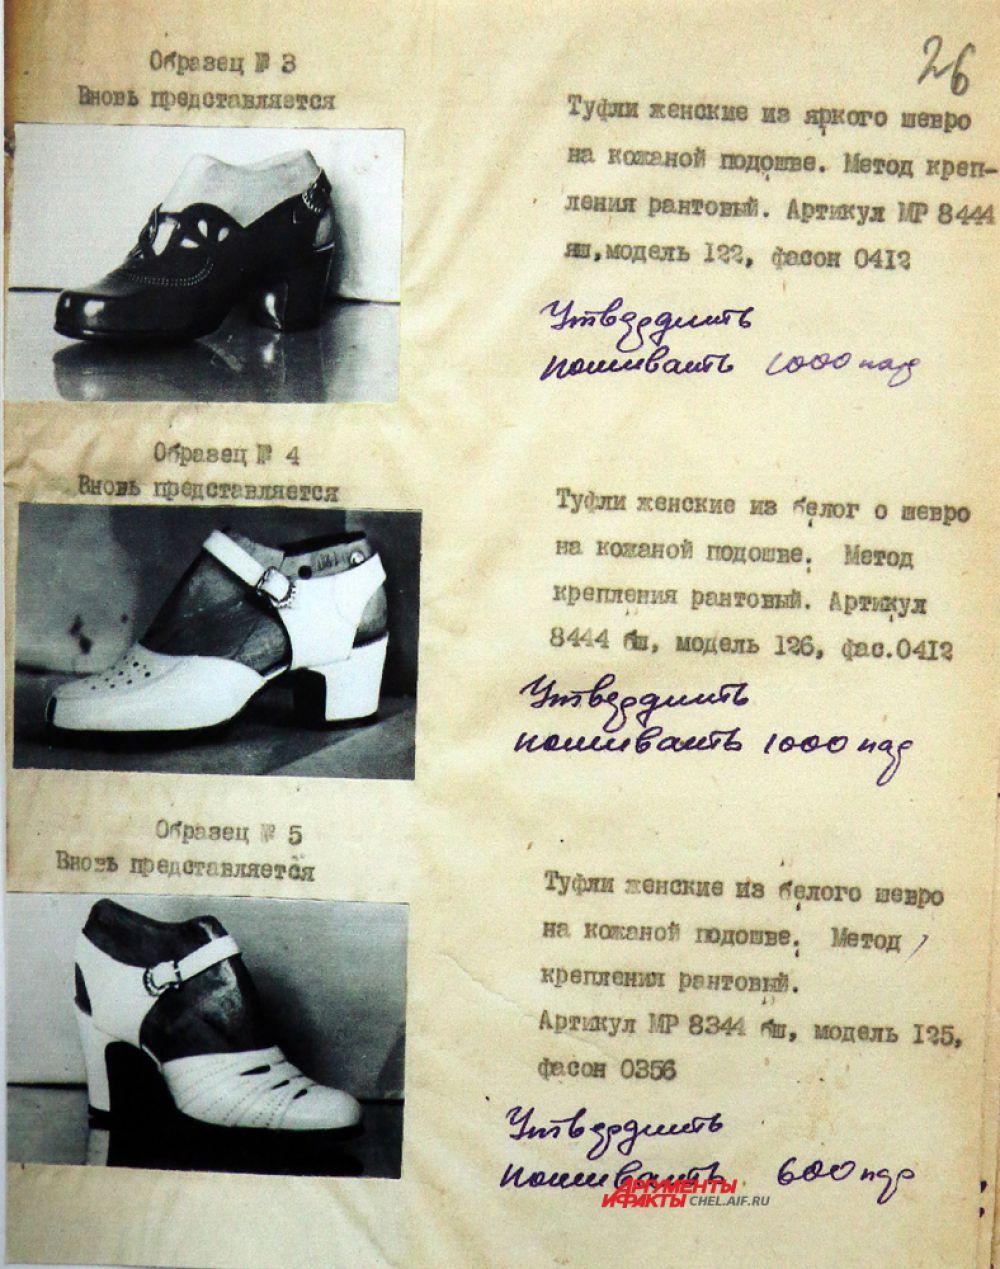 Архивный документ Художественного совета о новых образцах летней женской обуви.1954 год.